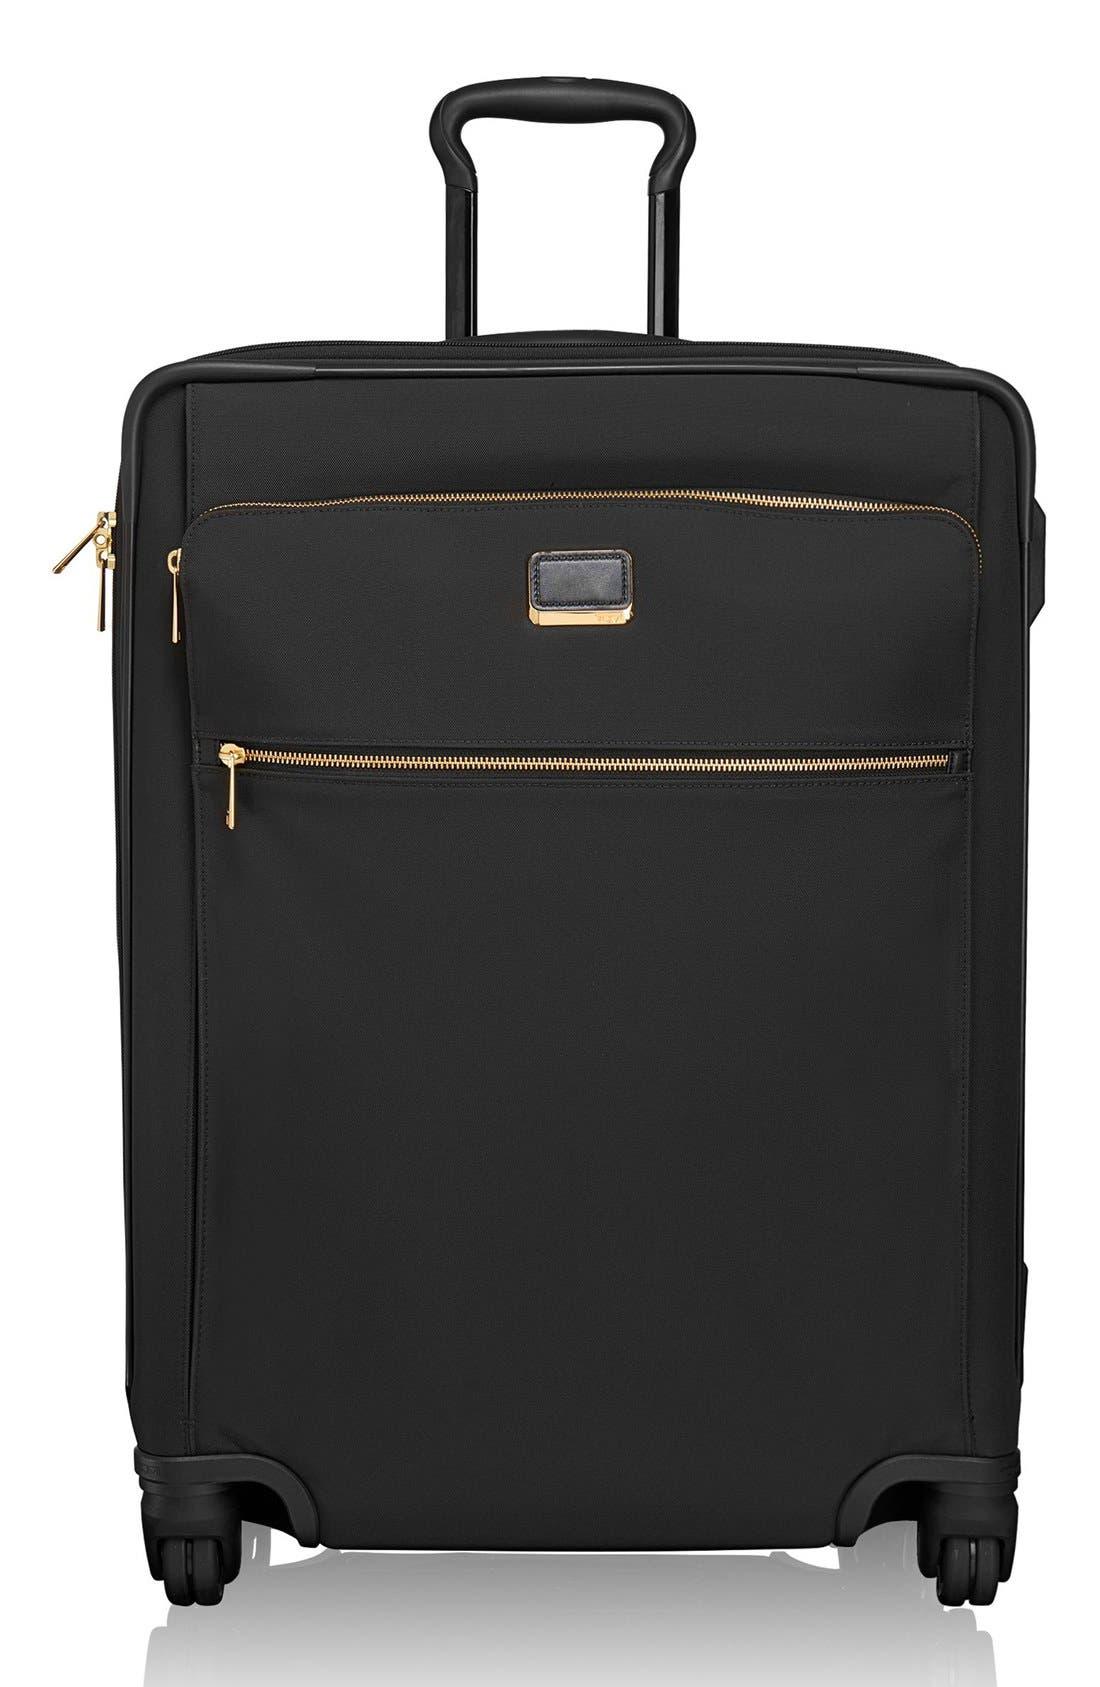 Larkin - Jess Short Trip 26-Inch Expandable 4-Wheel Suitcase,                             Main thumbnail 1, color,                             BLACK